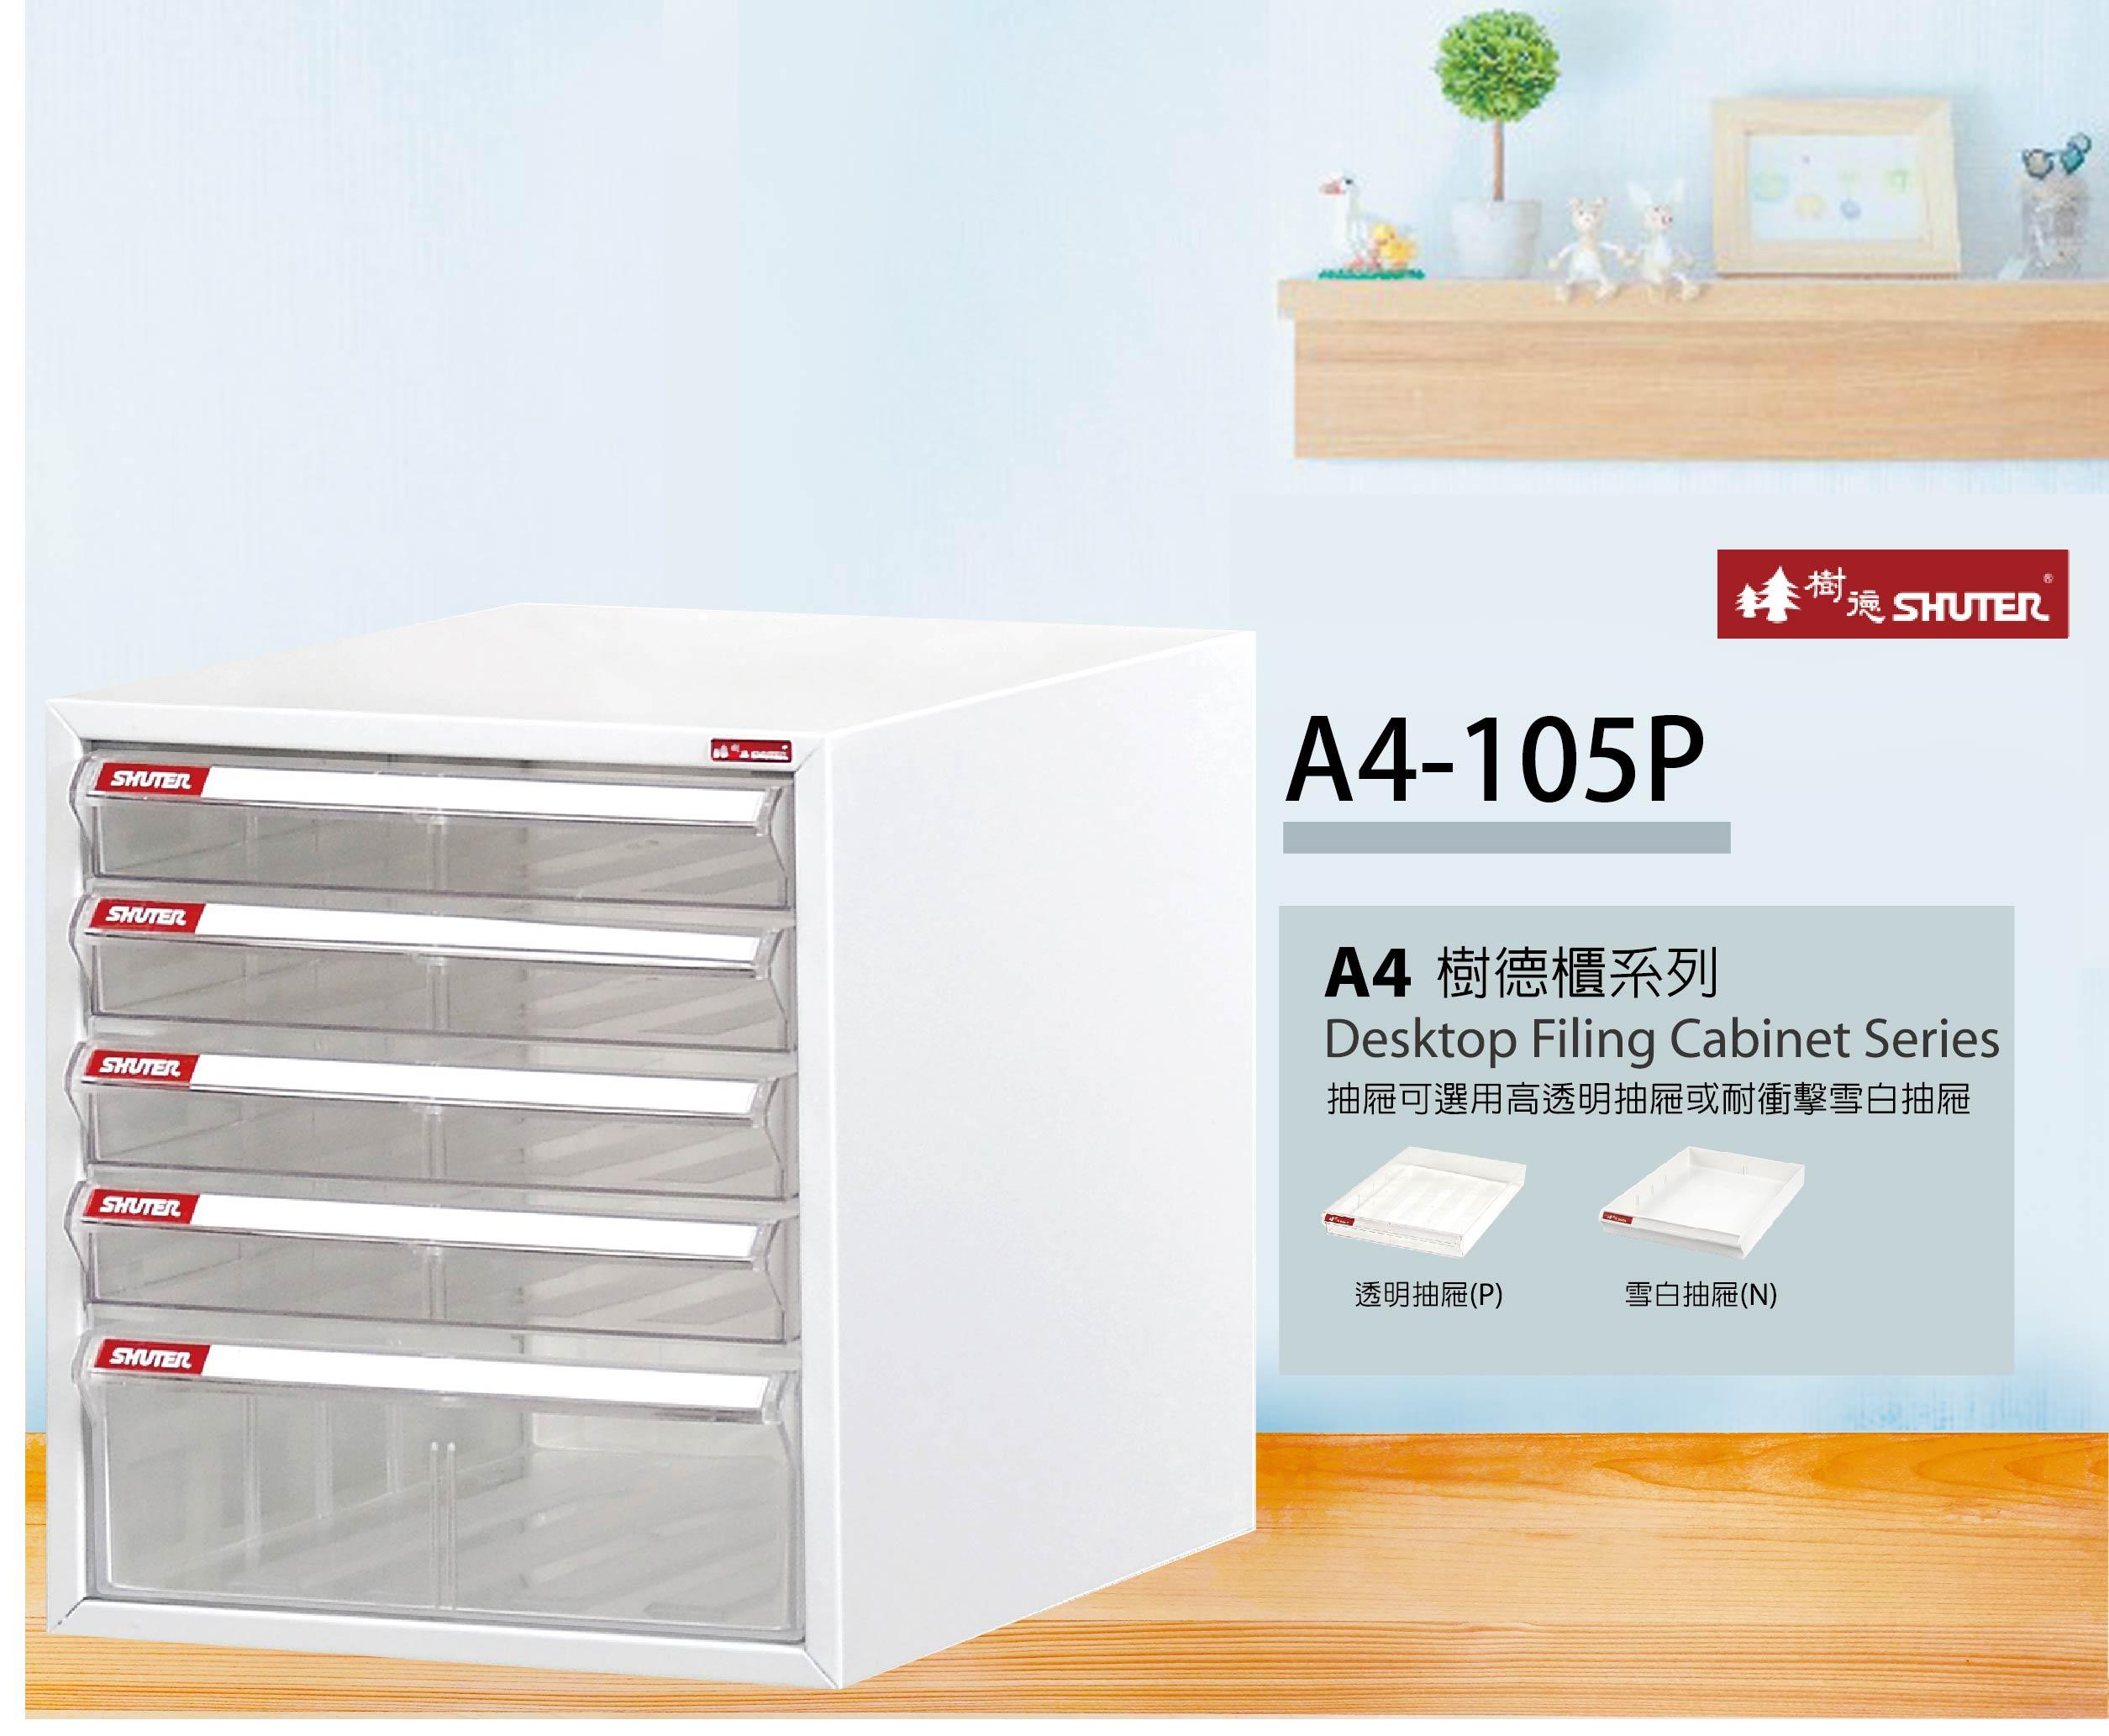 【樹德收納系列】 檔案櫃 資料櫃 公文櫃 收納櫃 效率櫃 桌上型文件櫃 A4-105P